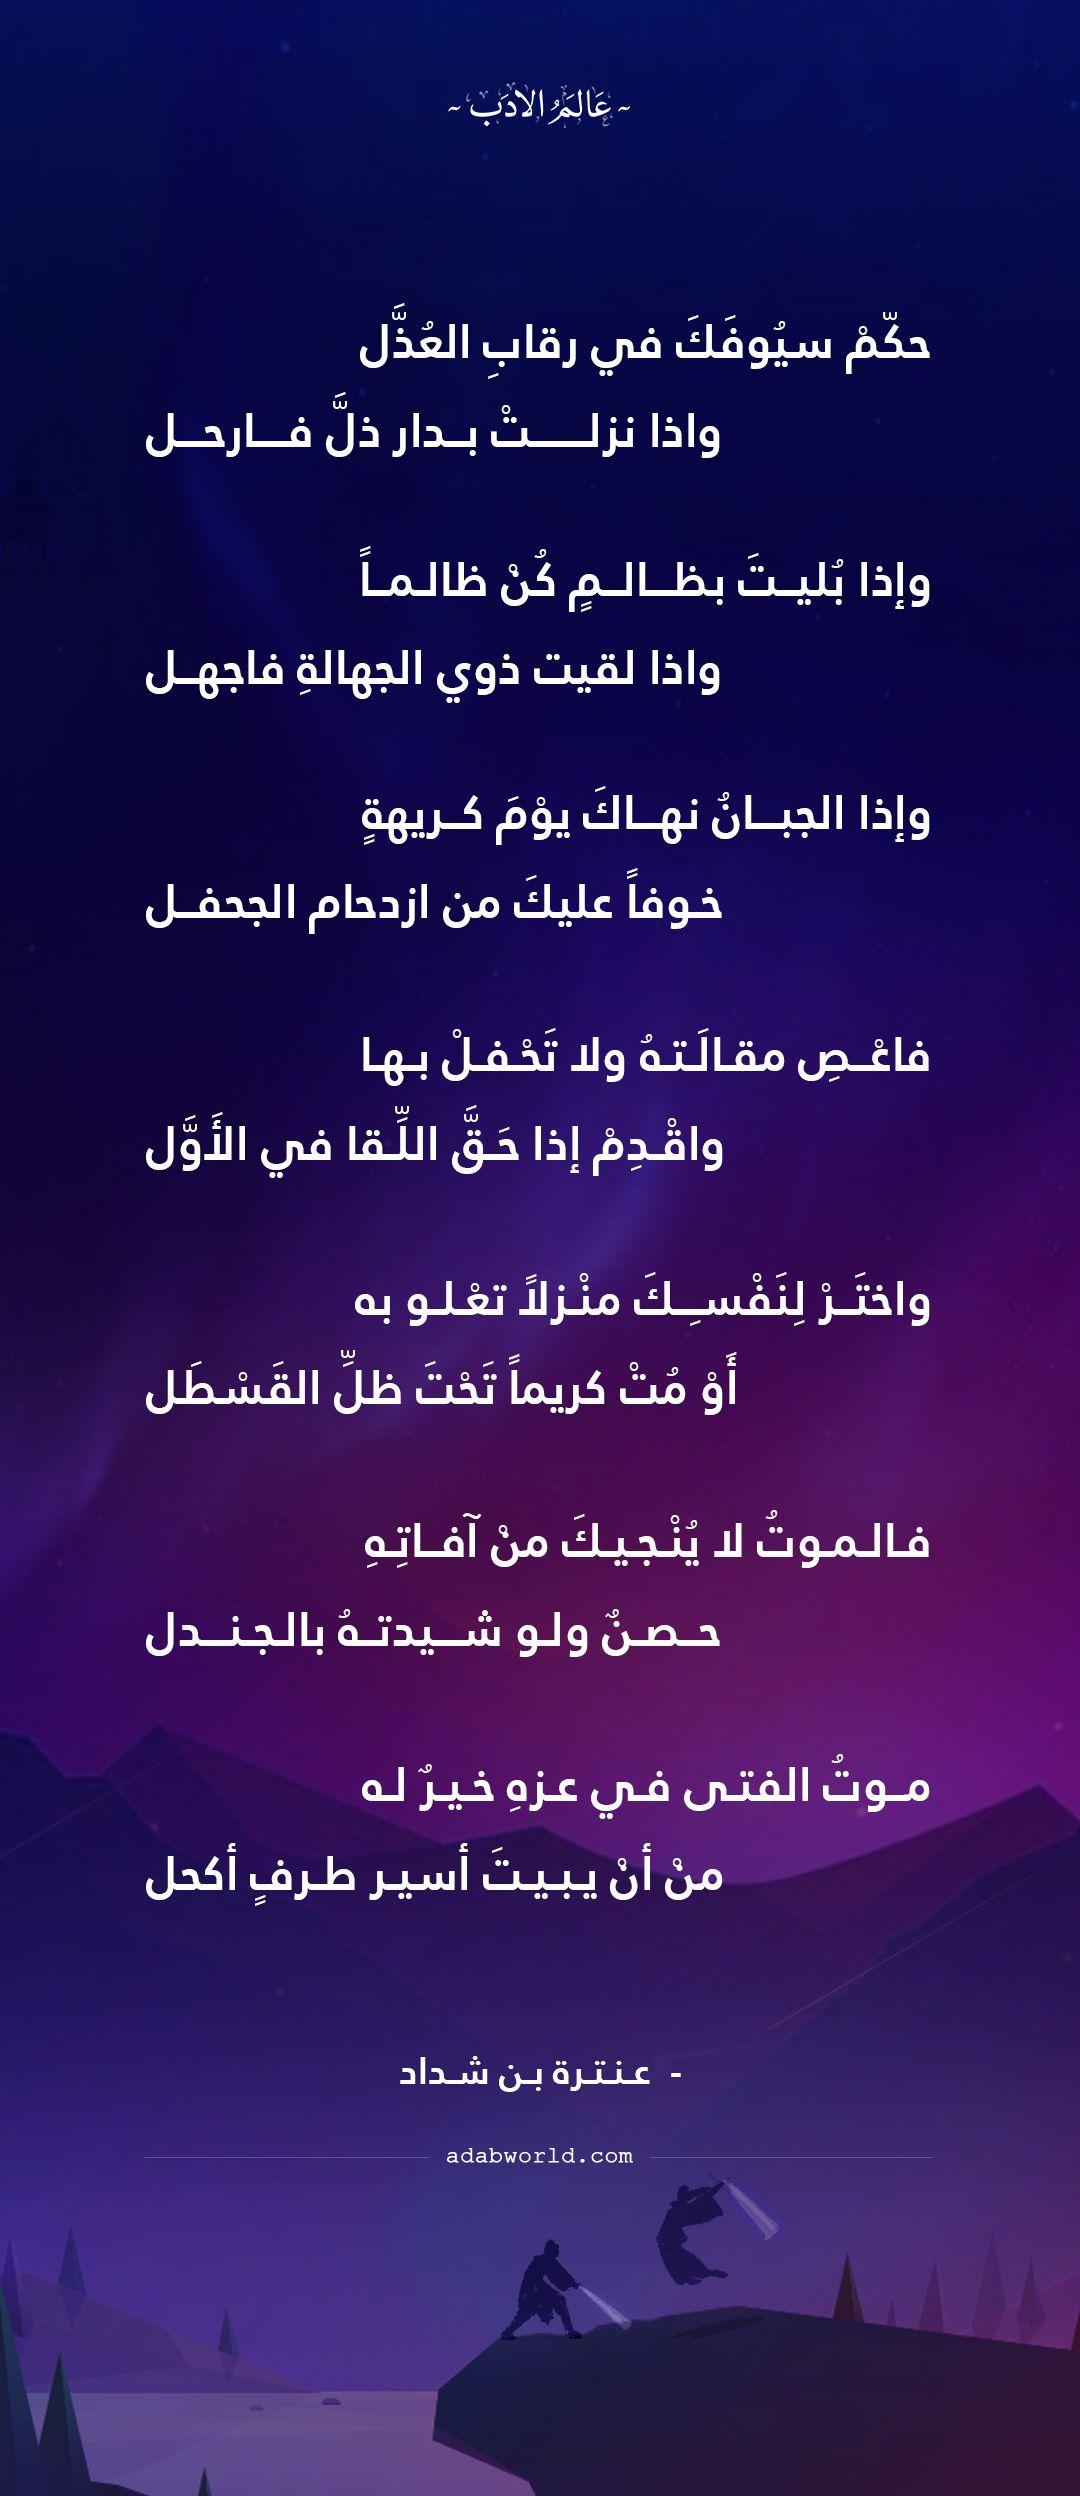 حكم سيوفك في رقاب العذل عنترة بن شداد عالم الأدب Pretty Words Words Quotes